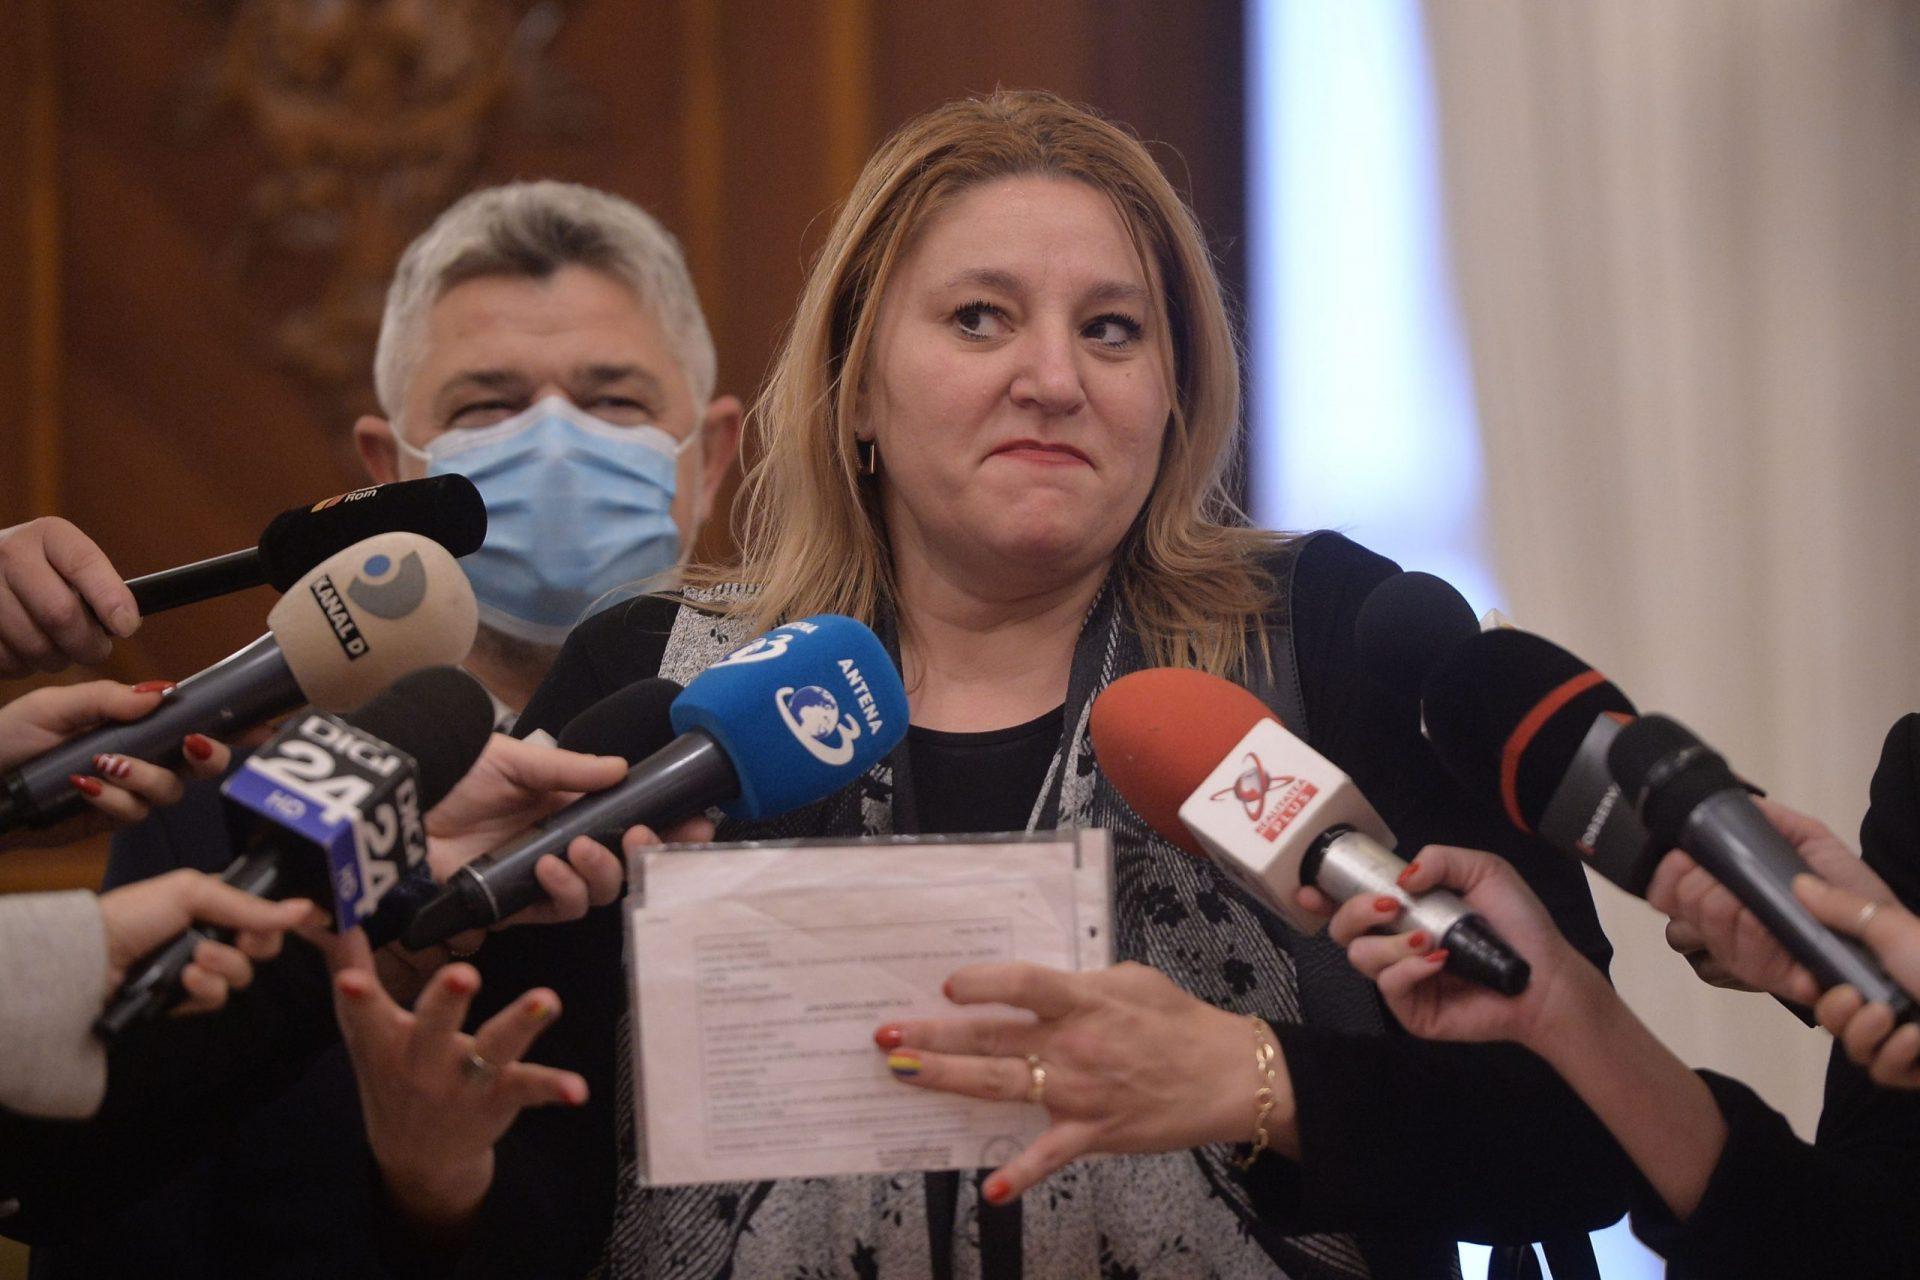 Șoșoacă vrea ca jurnaliștii să fie băgați la pușcărie și cere ieșirea României din UE